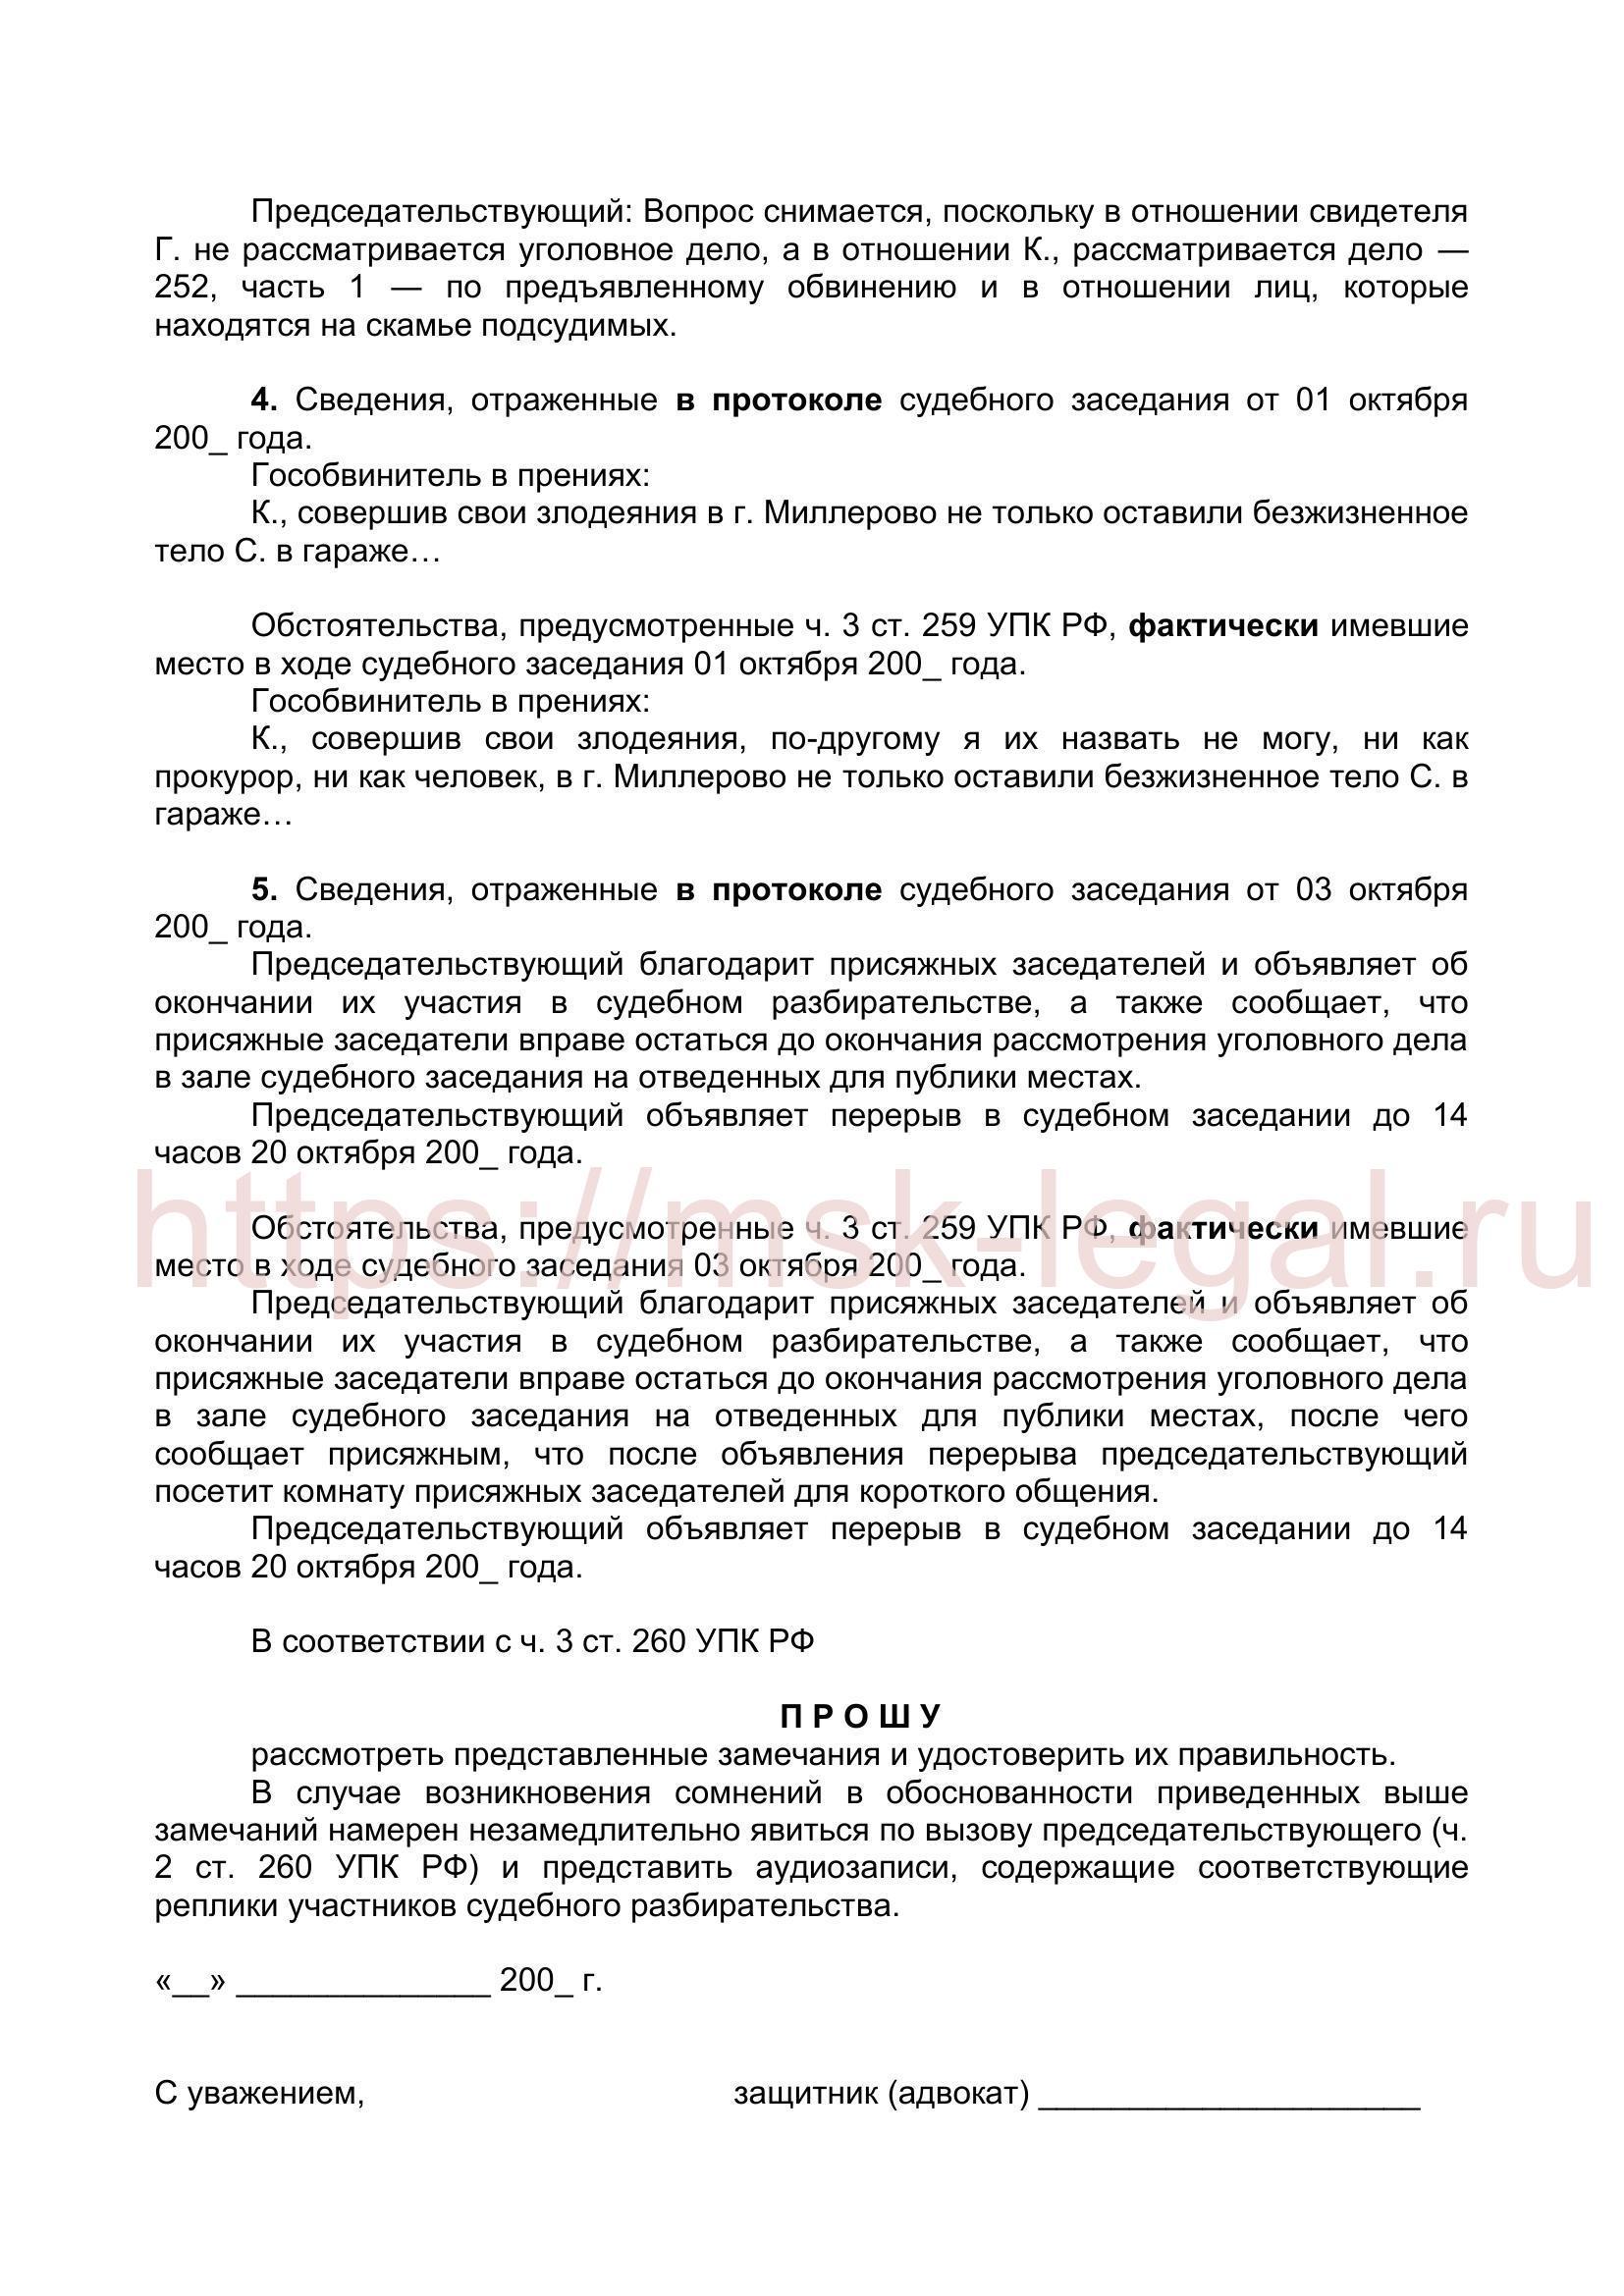 Ходатайство об удостоверении замечаний на протокол судебного заседания